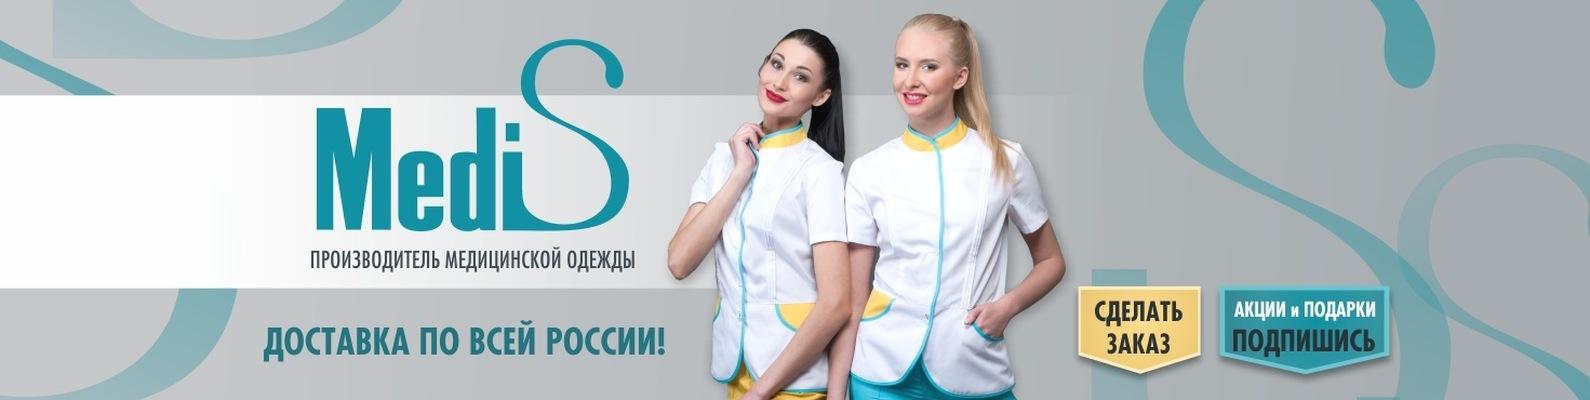 d1a43cc3705c6 Медицинская одежда MEDIS MODA | ВКонтакте